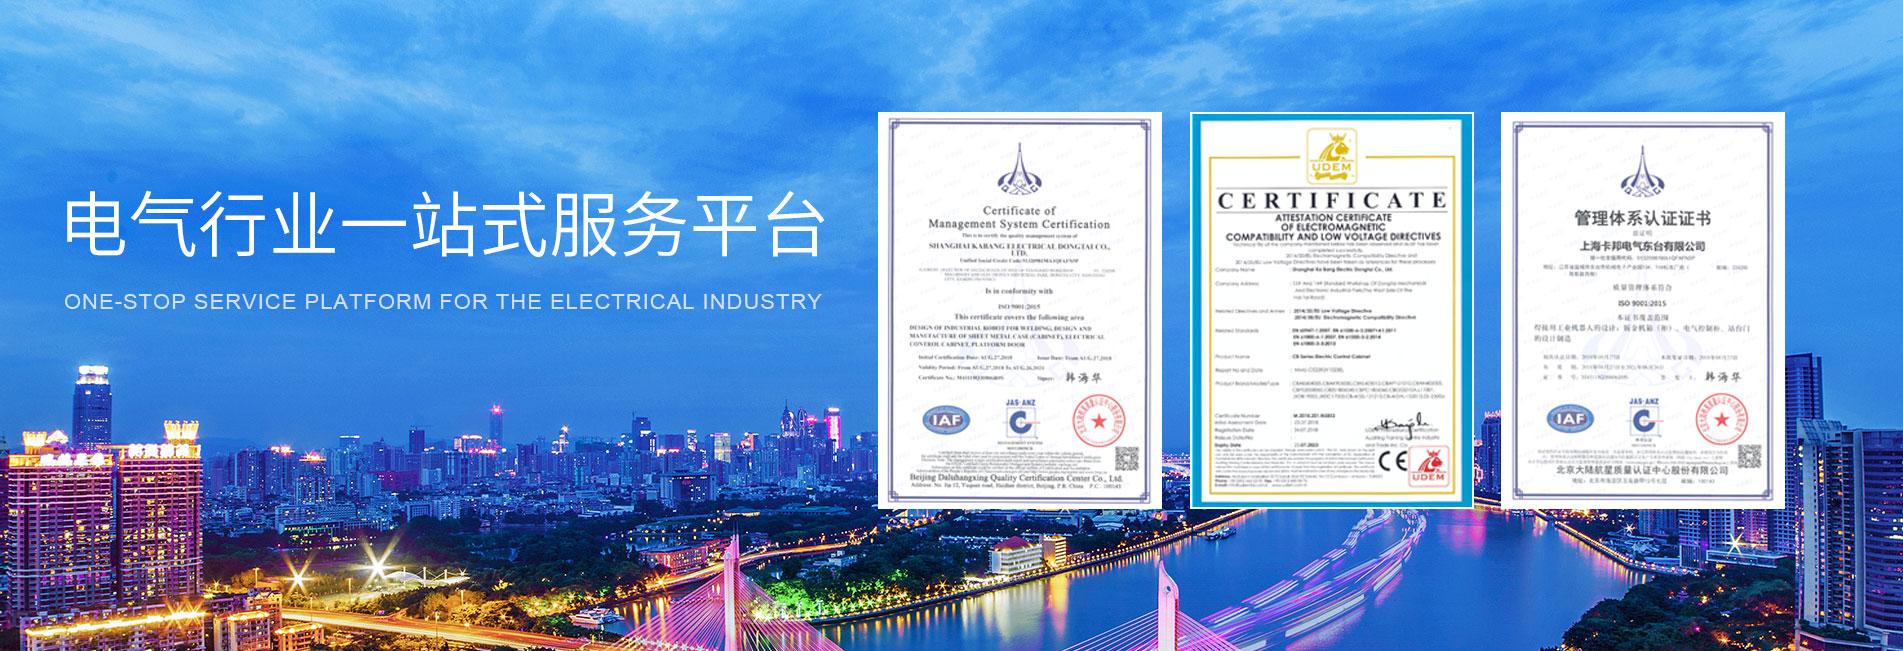 上海卡邦電氣有限公司